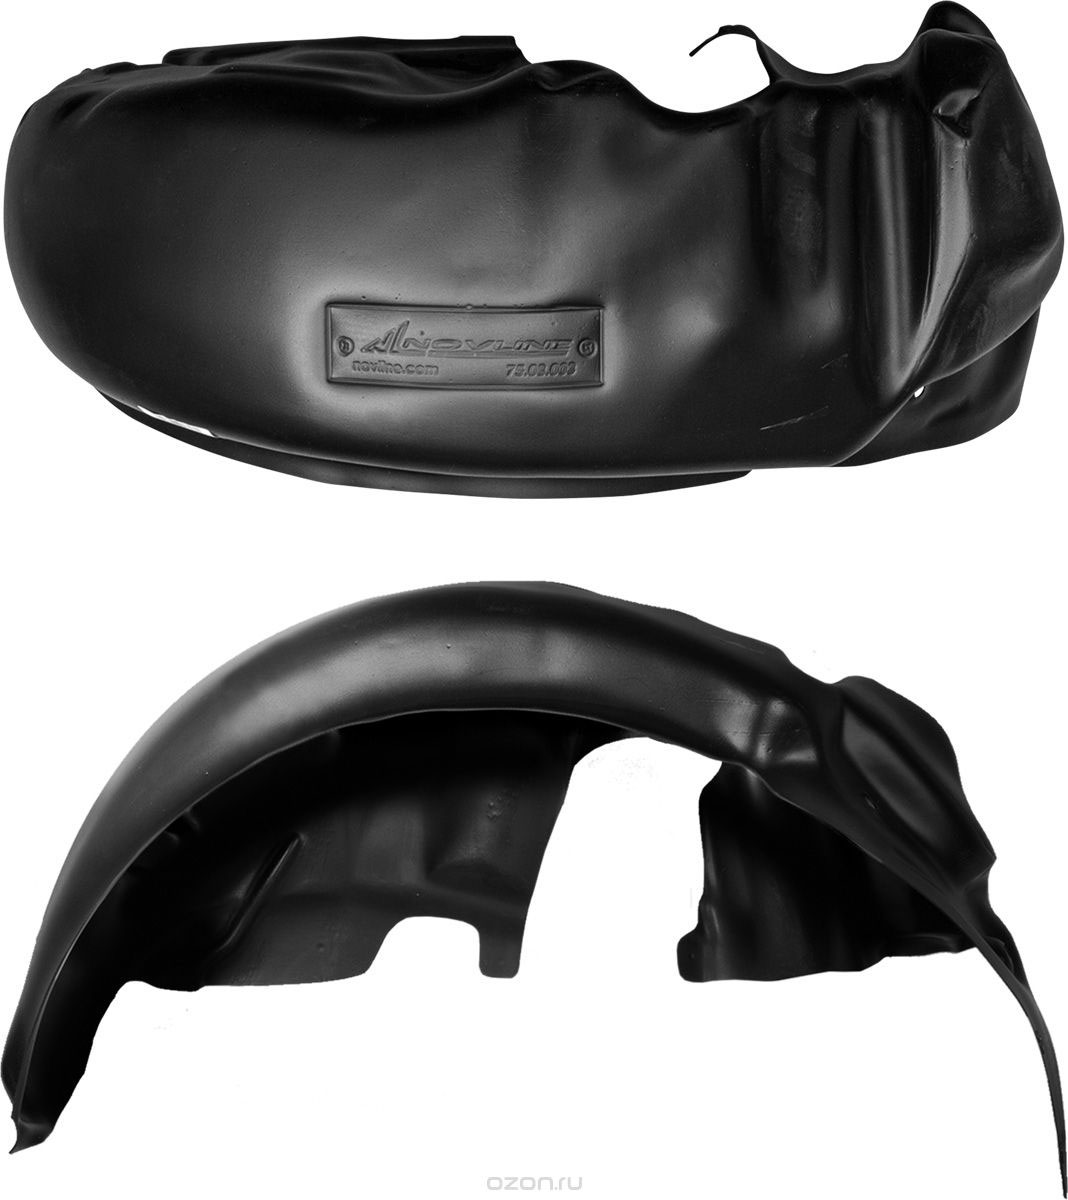 Подкрылок Novline-Autofamily, для Skoda Octavia, 2013->, седан, задний левыйNLL.45.06.003Идеальная защита колесной ниши. Локеры разработаны с применением цифровых технологий, гарантируют максимальную повторяемость поверхности арки. Изделия устанавливаются без нарушения лакокрасочного покрытия автомобиля, каждый подкрылок комплектуется крепежом. Уважаемые клиенты, обращаем ваше внимание, что фотографии на подкрылки универсальные и не отражают реальную форму изделия. При этом само изделие идет точно под размер указанного автомобиля.